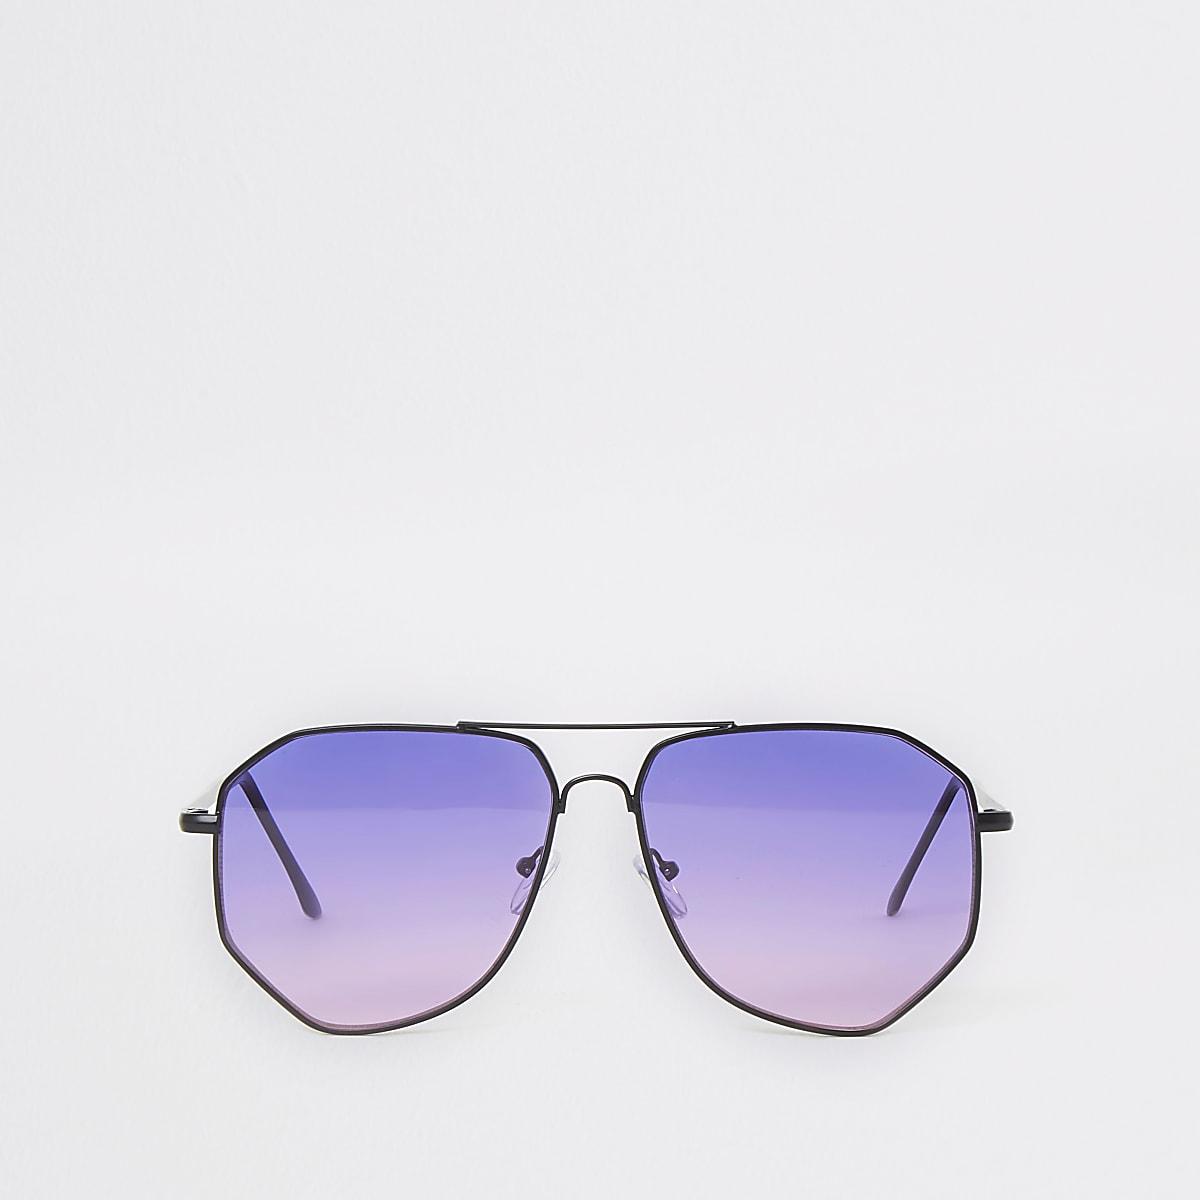 Pilotensonnenbrille mit Gläsern in Lila